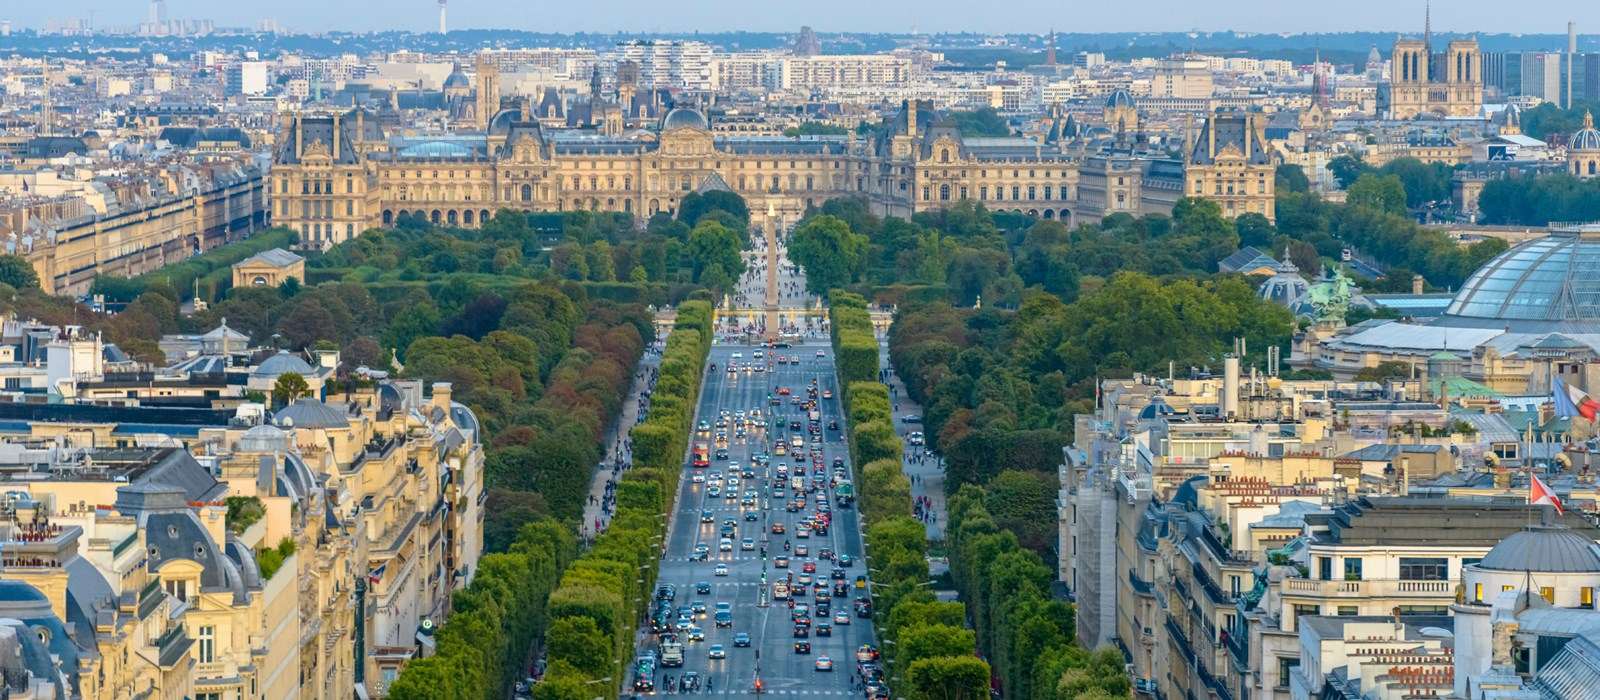 Avenue Des Champs Elys 233 Es Paris